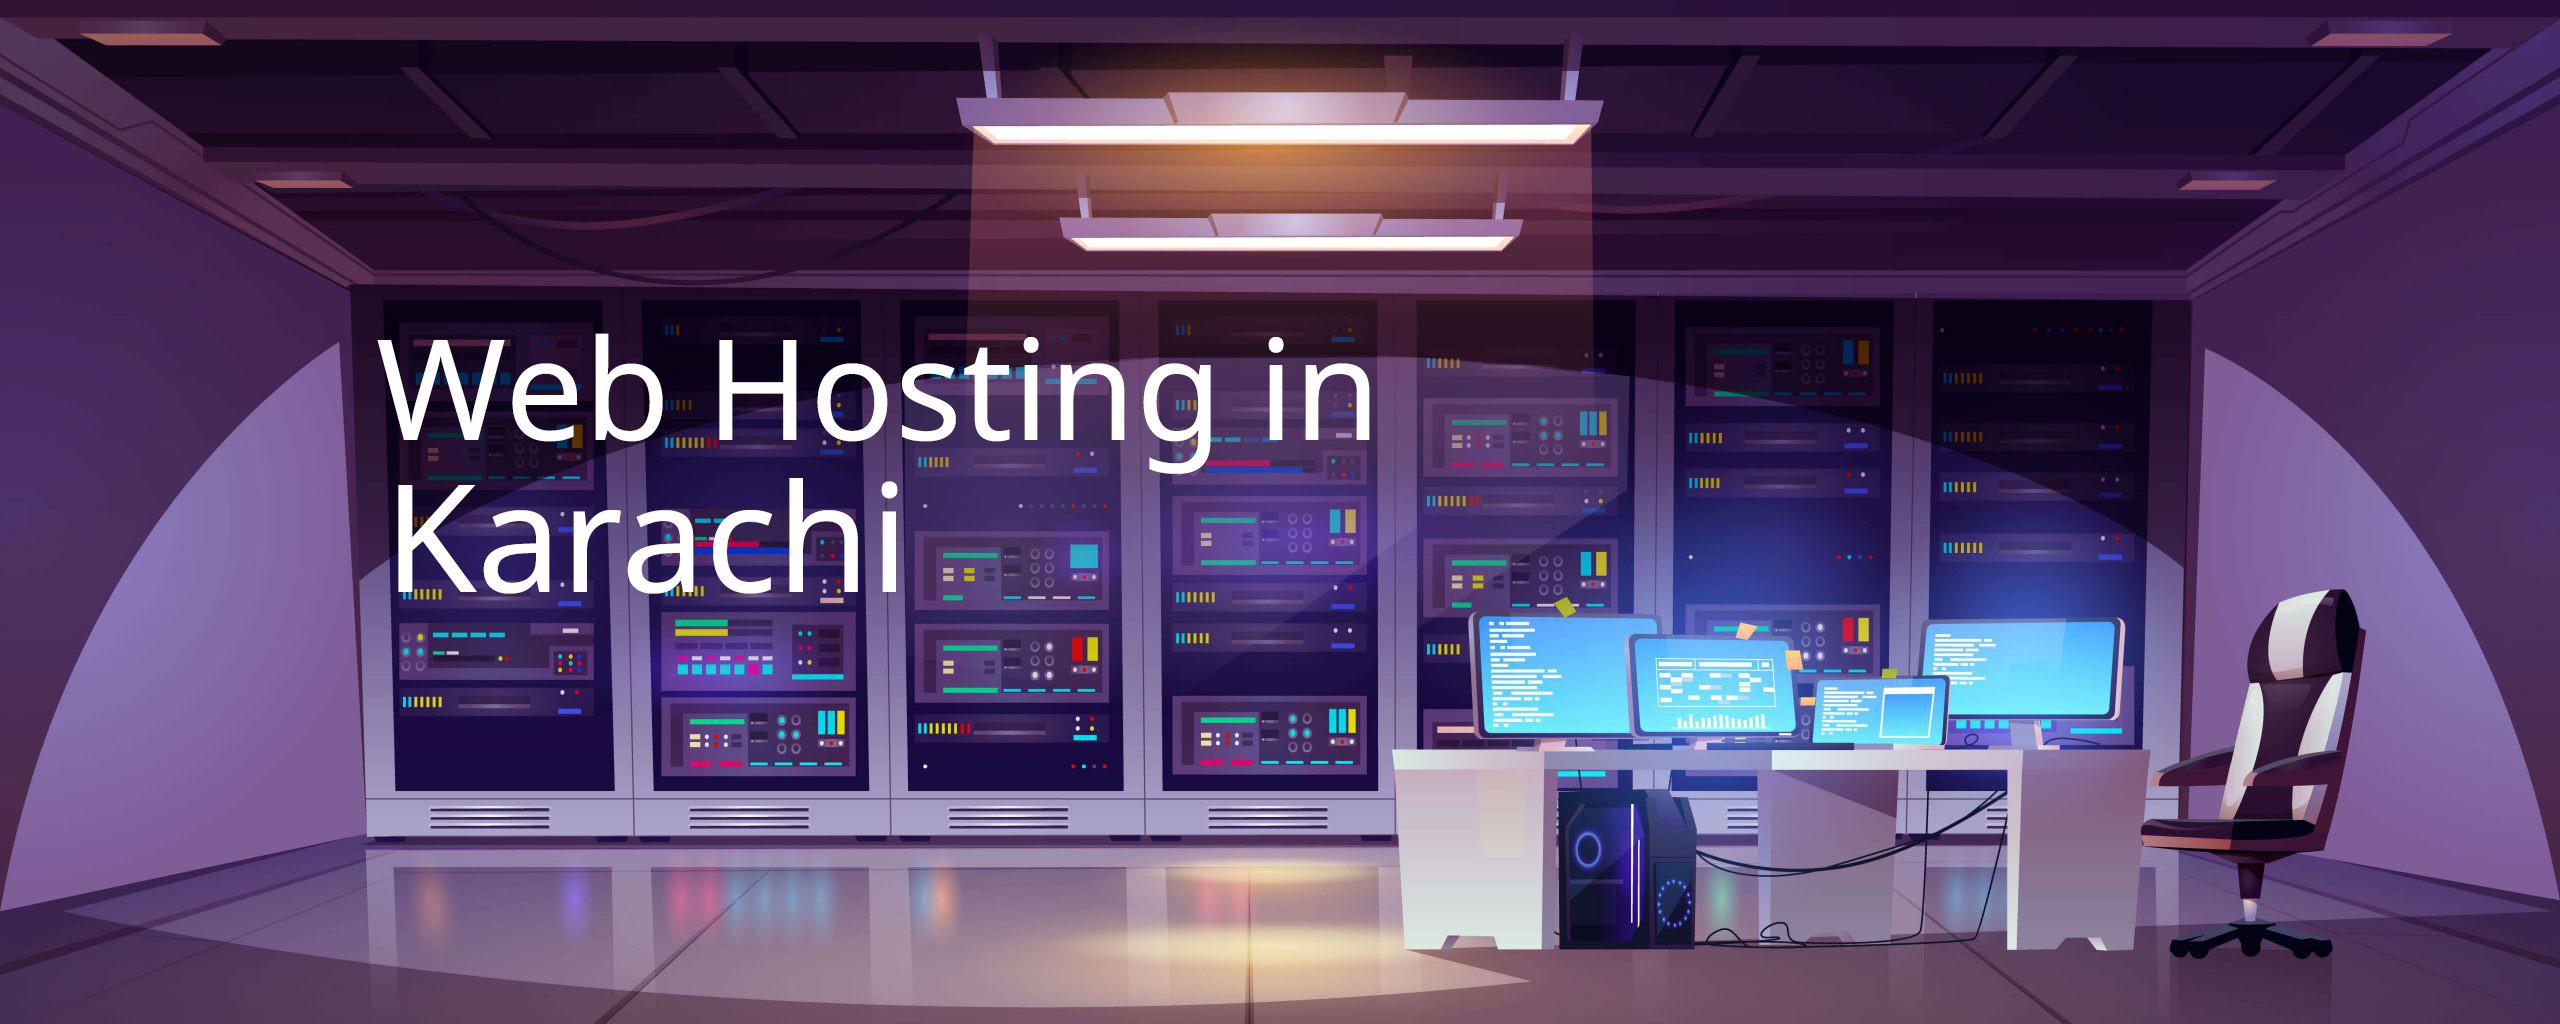 web-hosting-in-karachi-madaar.net